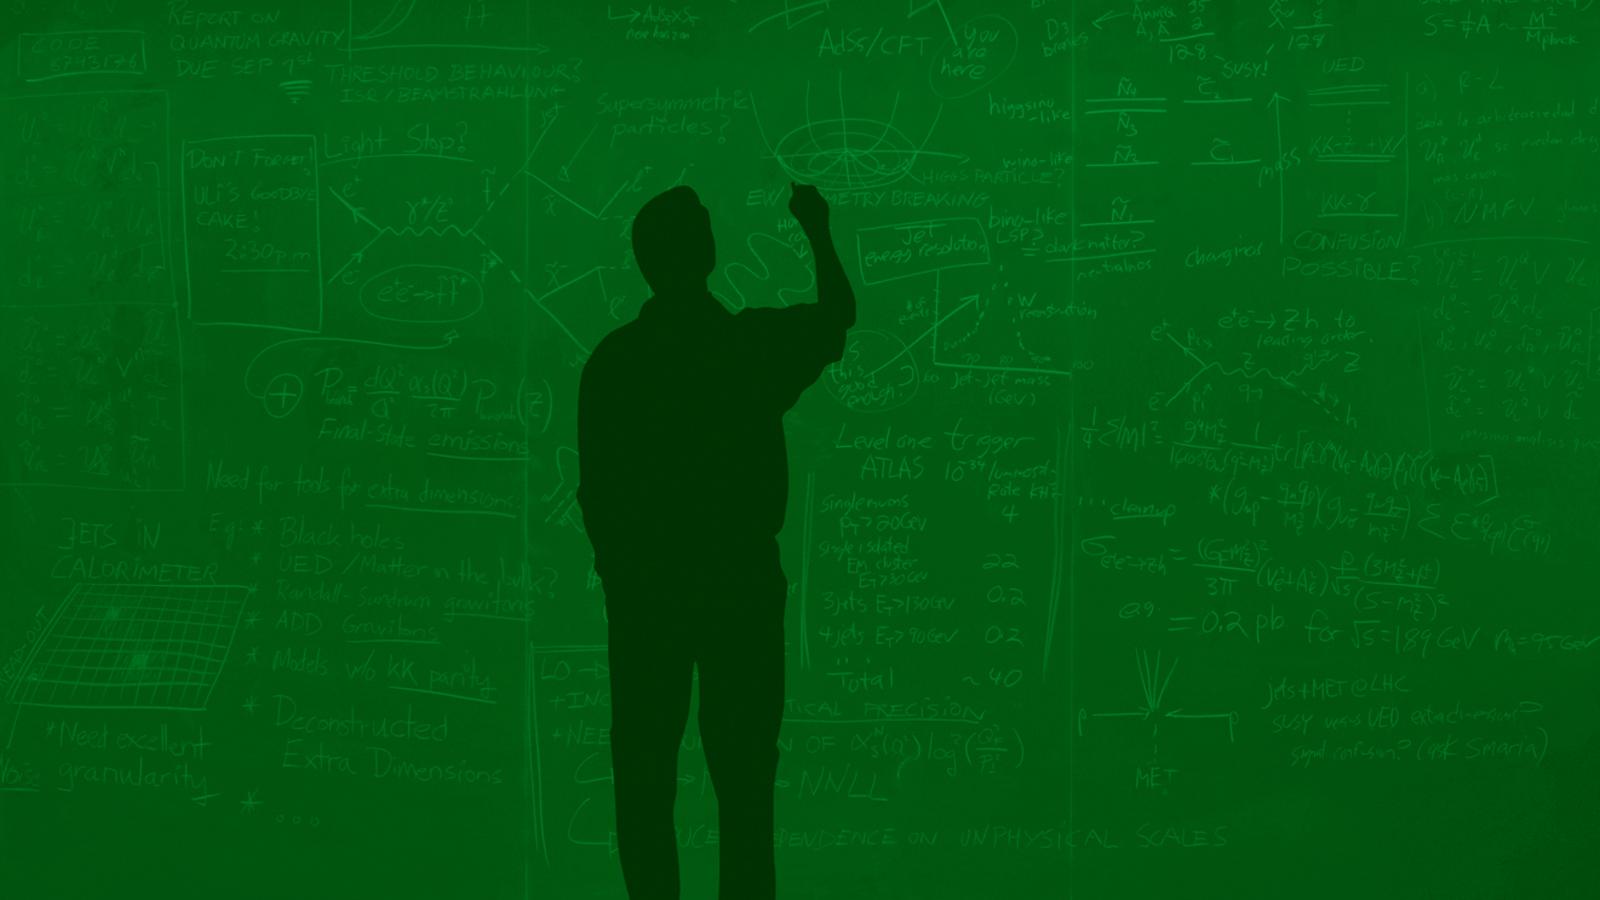 Image: Supersymmetry blackboard